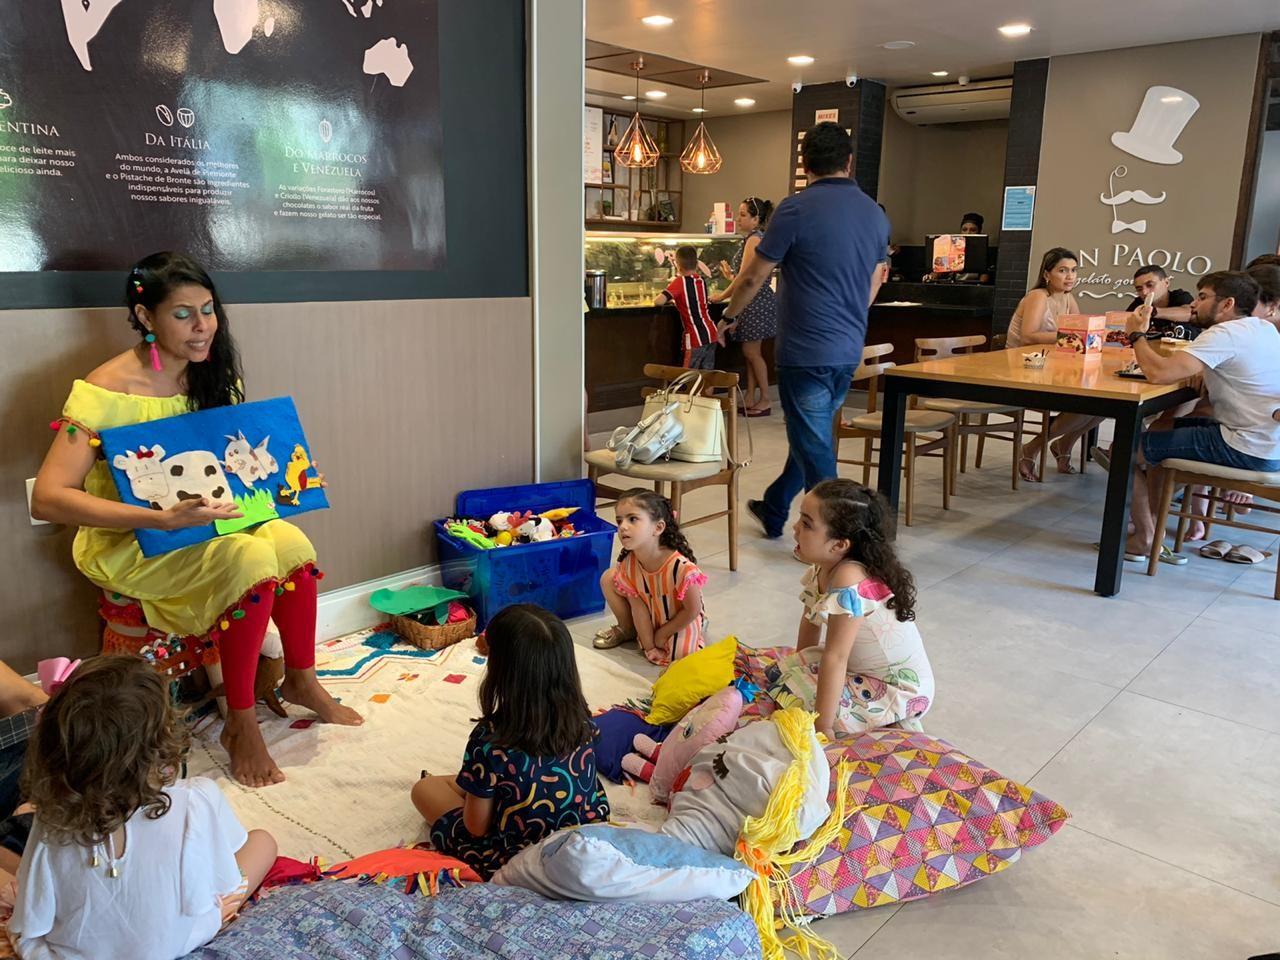 San Paolo acerta o alvo e faz sucesso com o público infantil